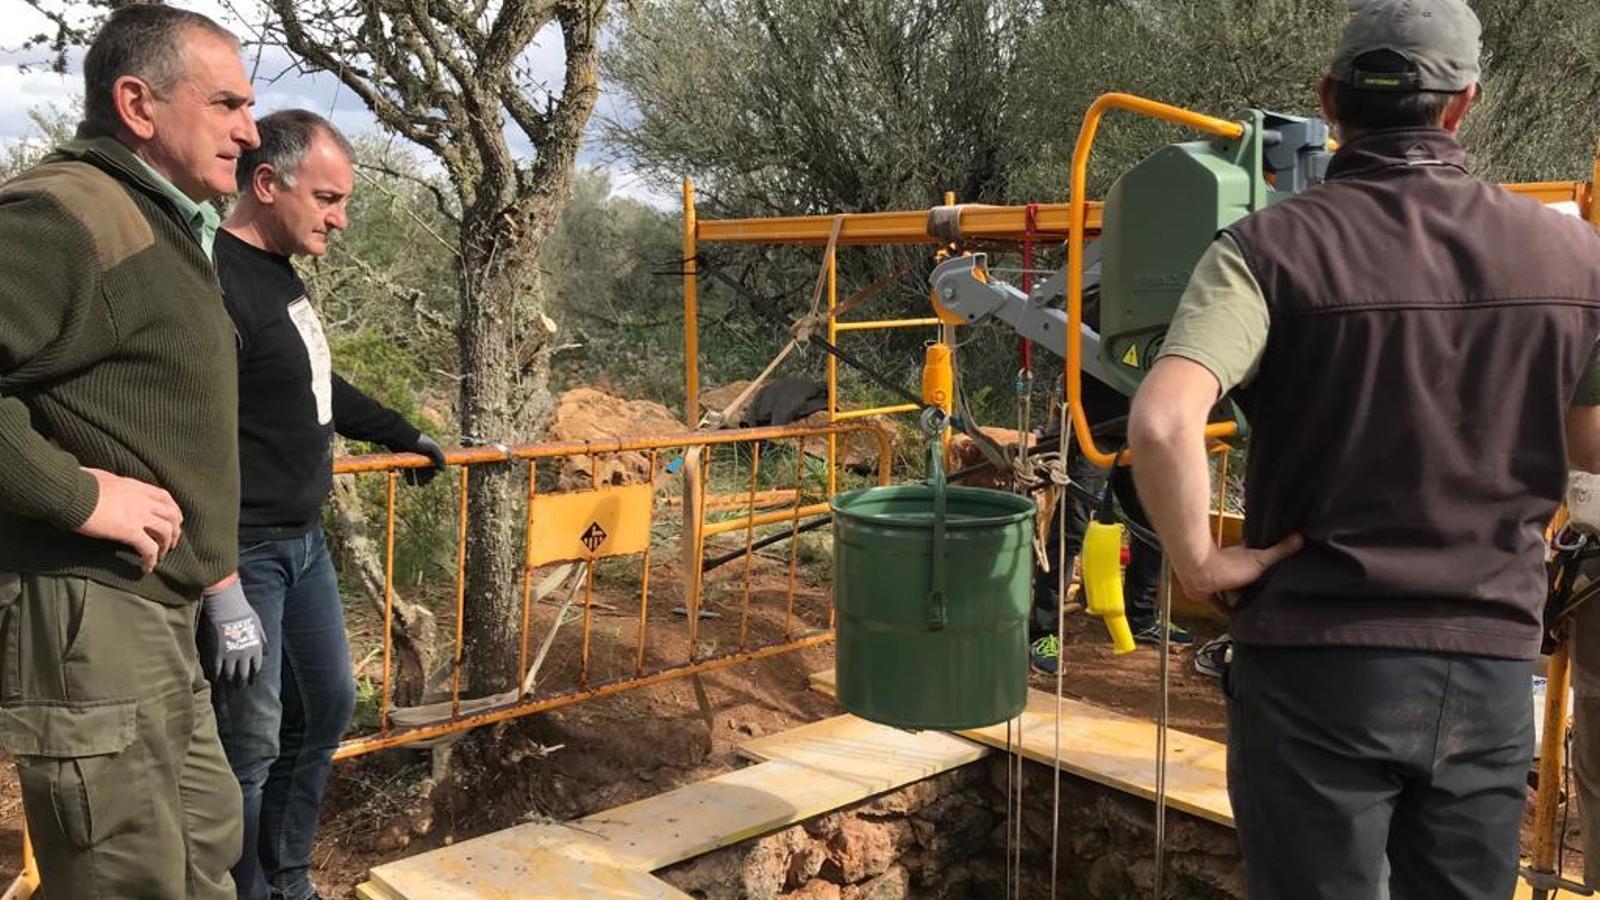 Comencen les tasques per trobar la restes de Julià Fullana a la fossa del pou de l'Àguila